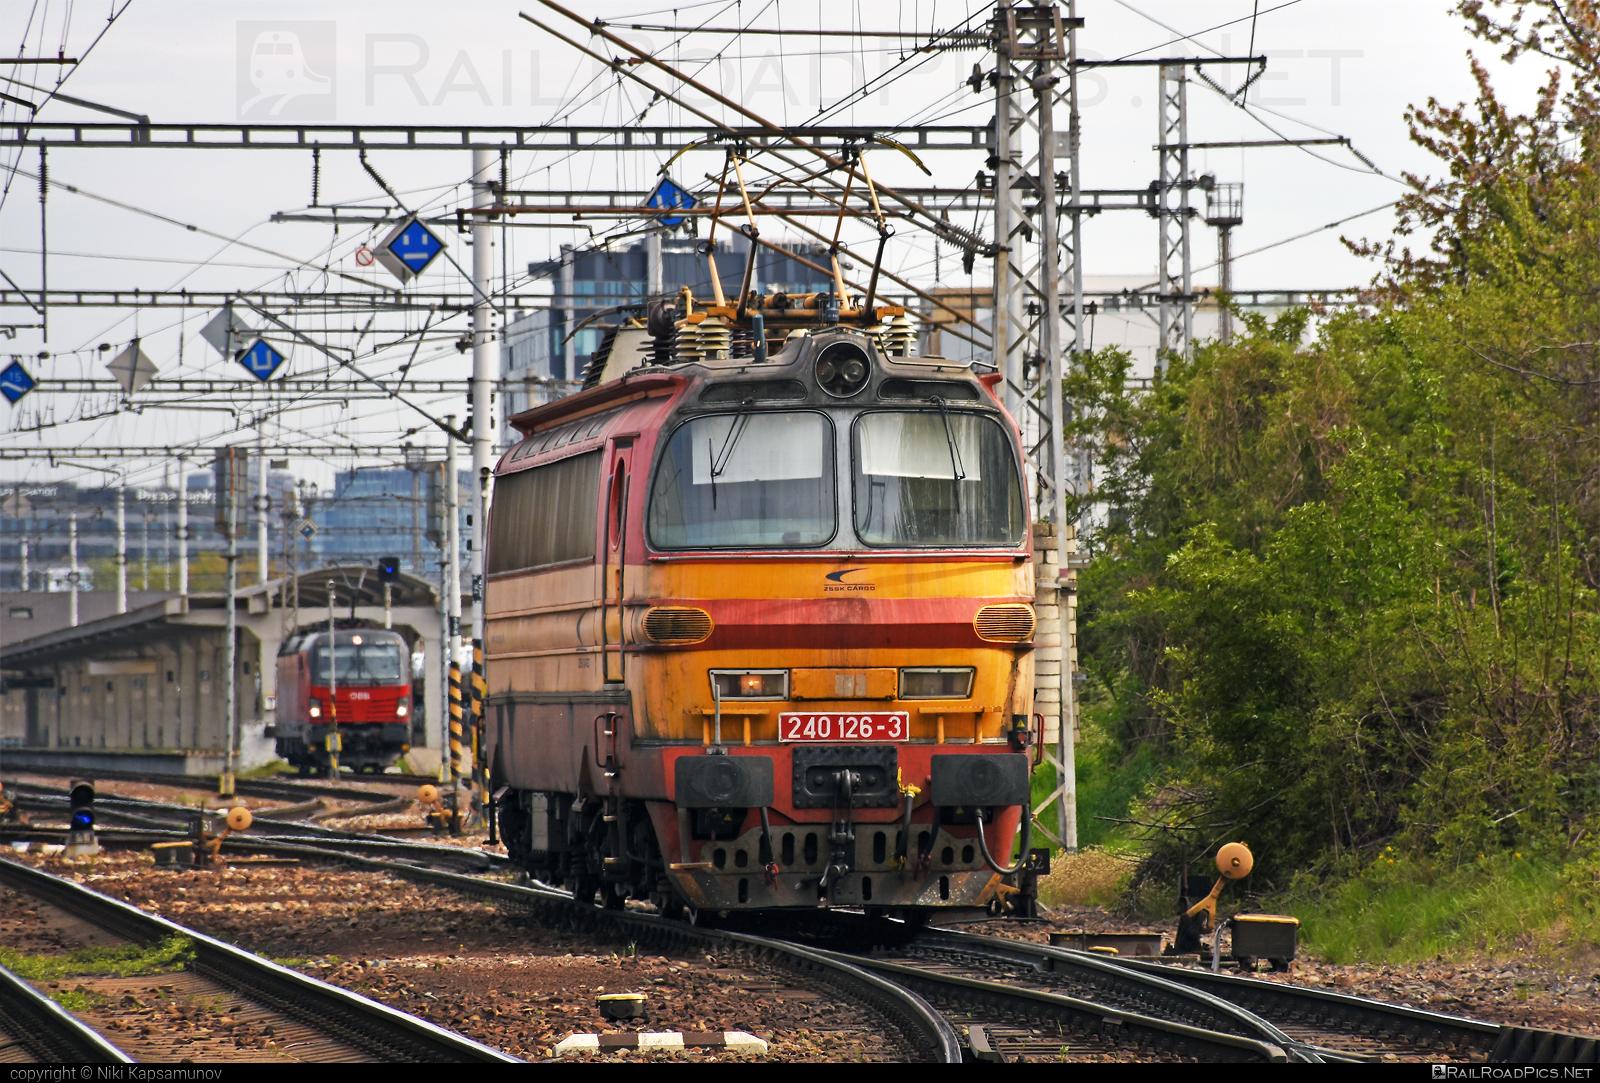 Škoda 47E - 240 126-3 operated by Železničná Spoločnost' Cargo Slovakia a.s. #ZeleznicnaSpolocnostCargoSlovakia #ZeleznicnaSpolocnostSlovensko #laminatka #locomotive240 #skoda #skoda47e #zssk #zsskcargo